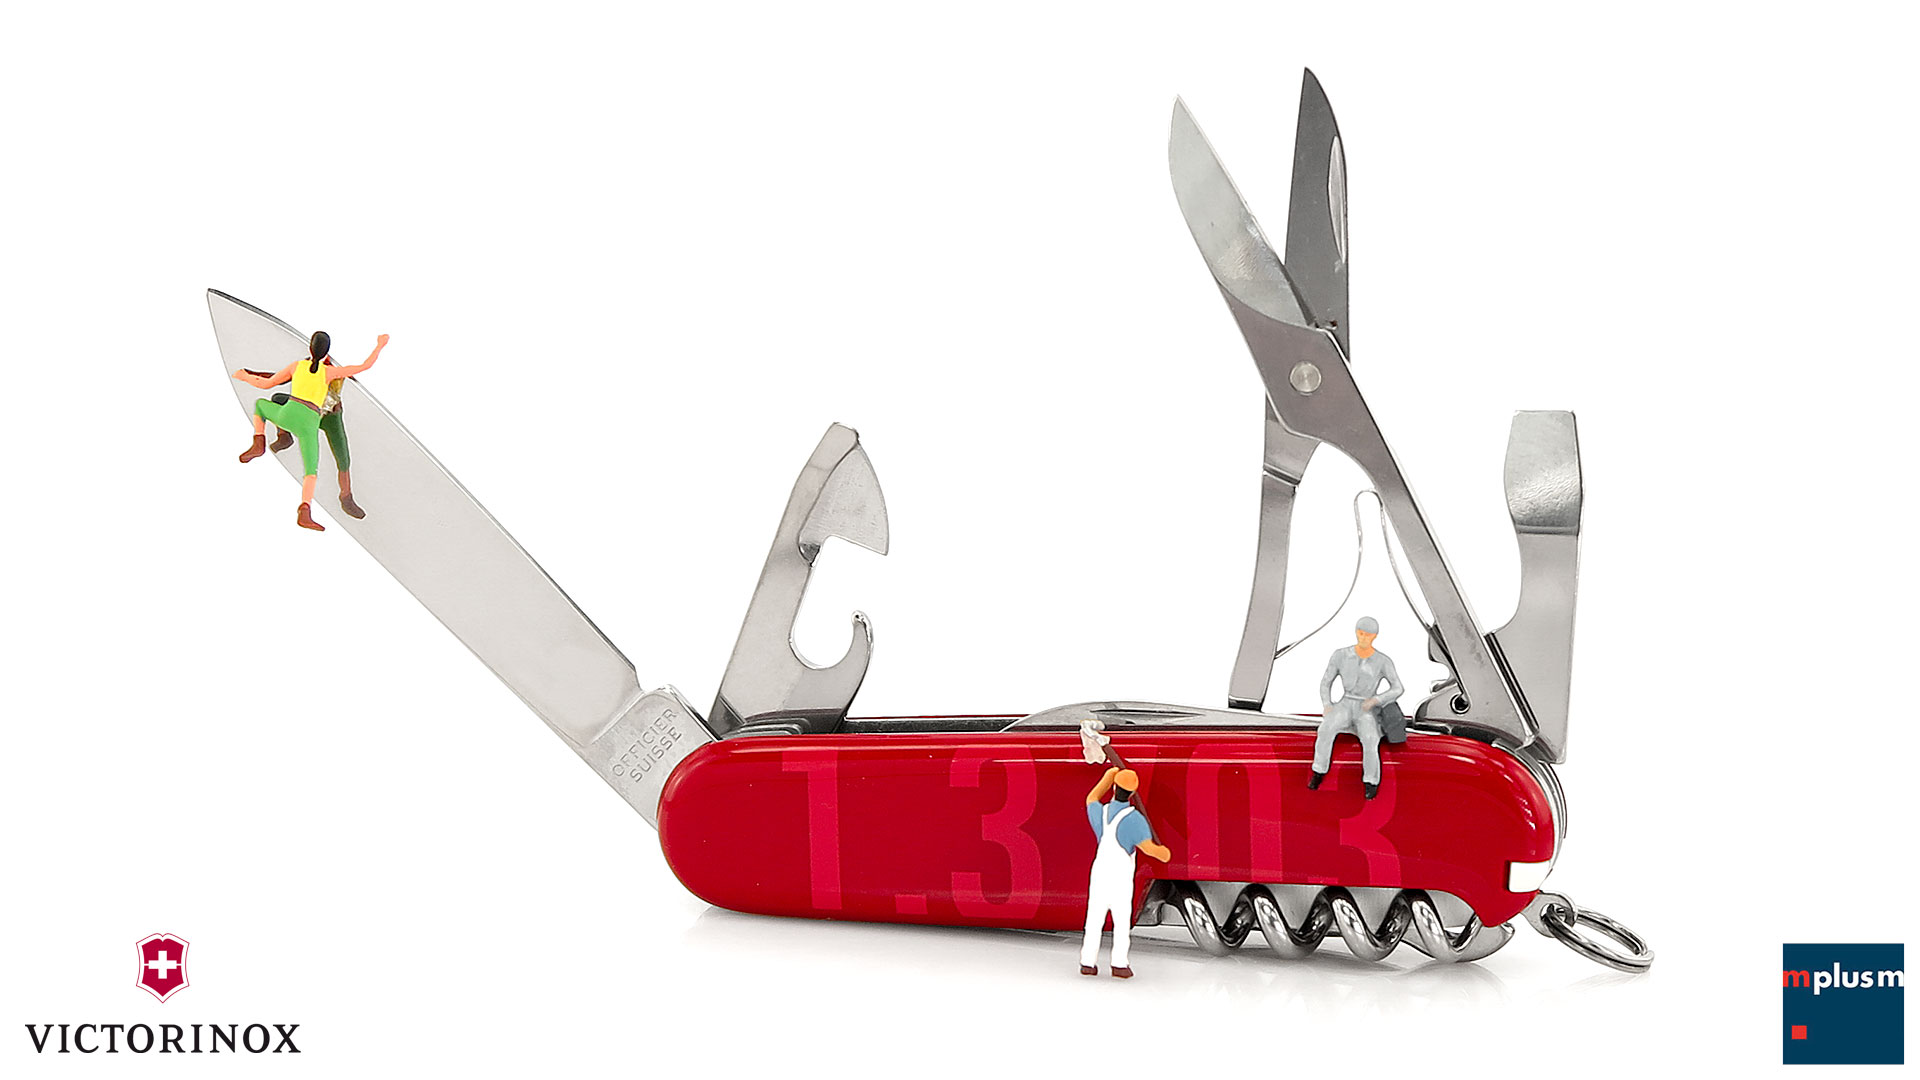 Schweizer Taschenmesser von Victorinox als Werbeartikel